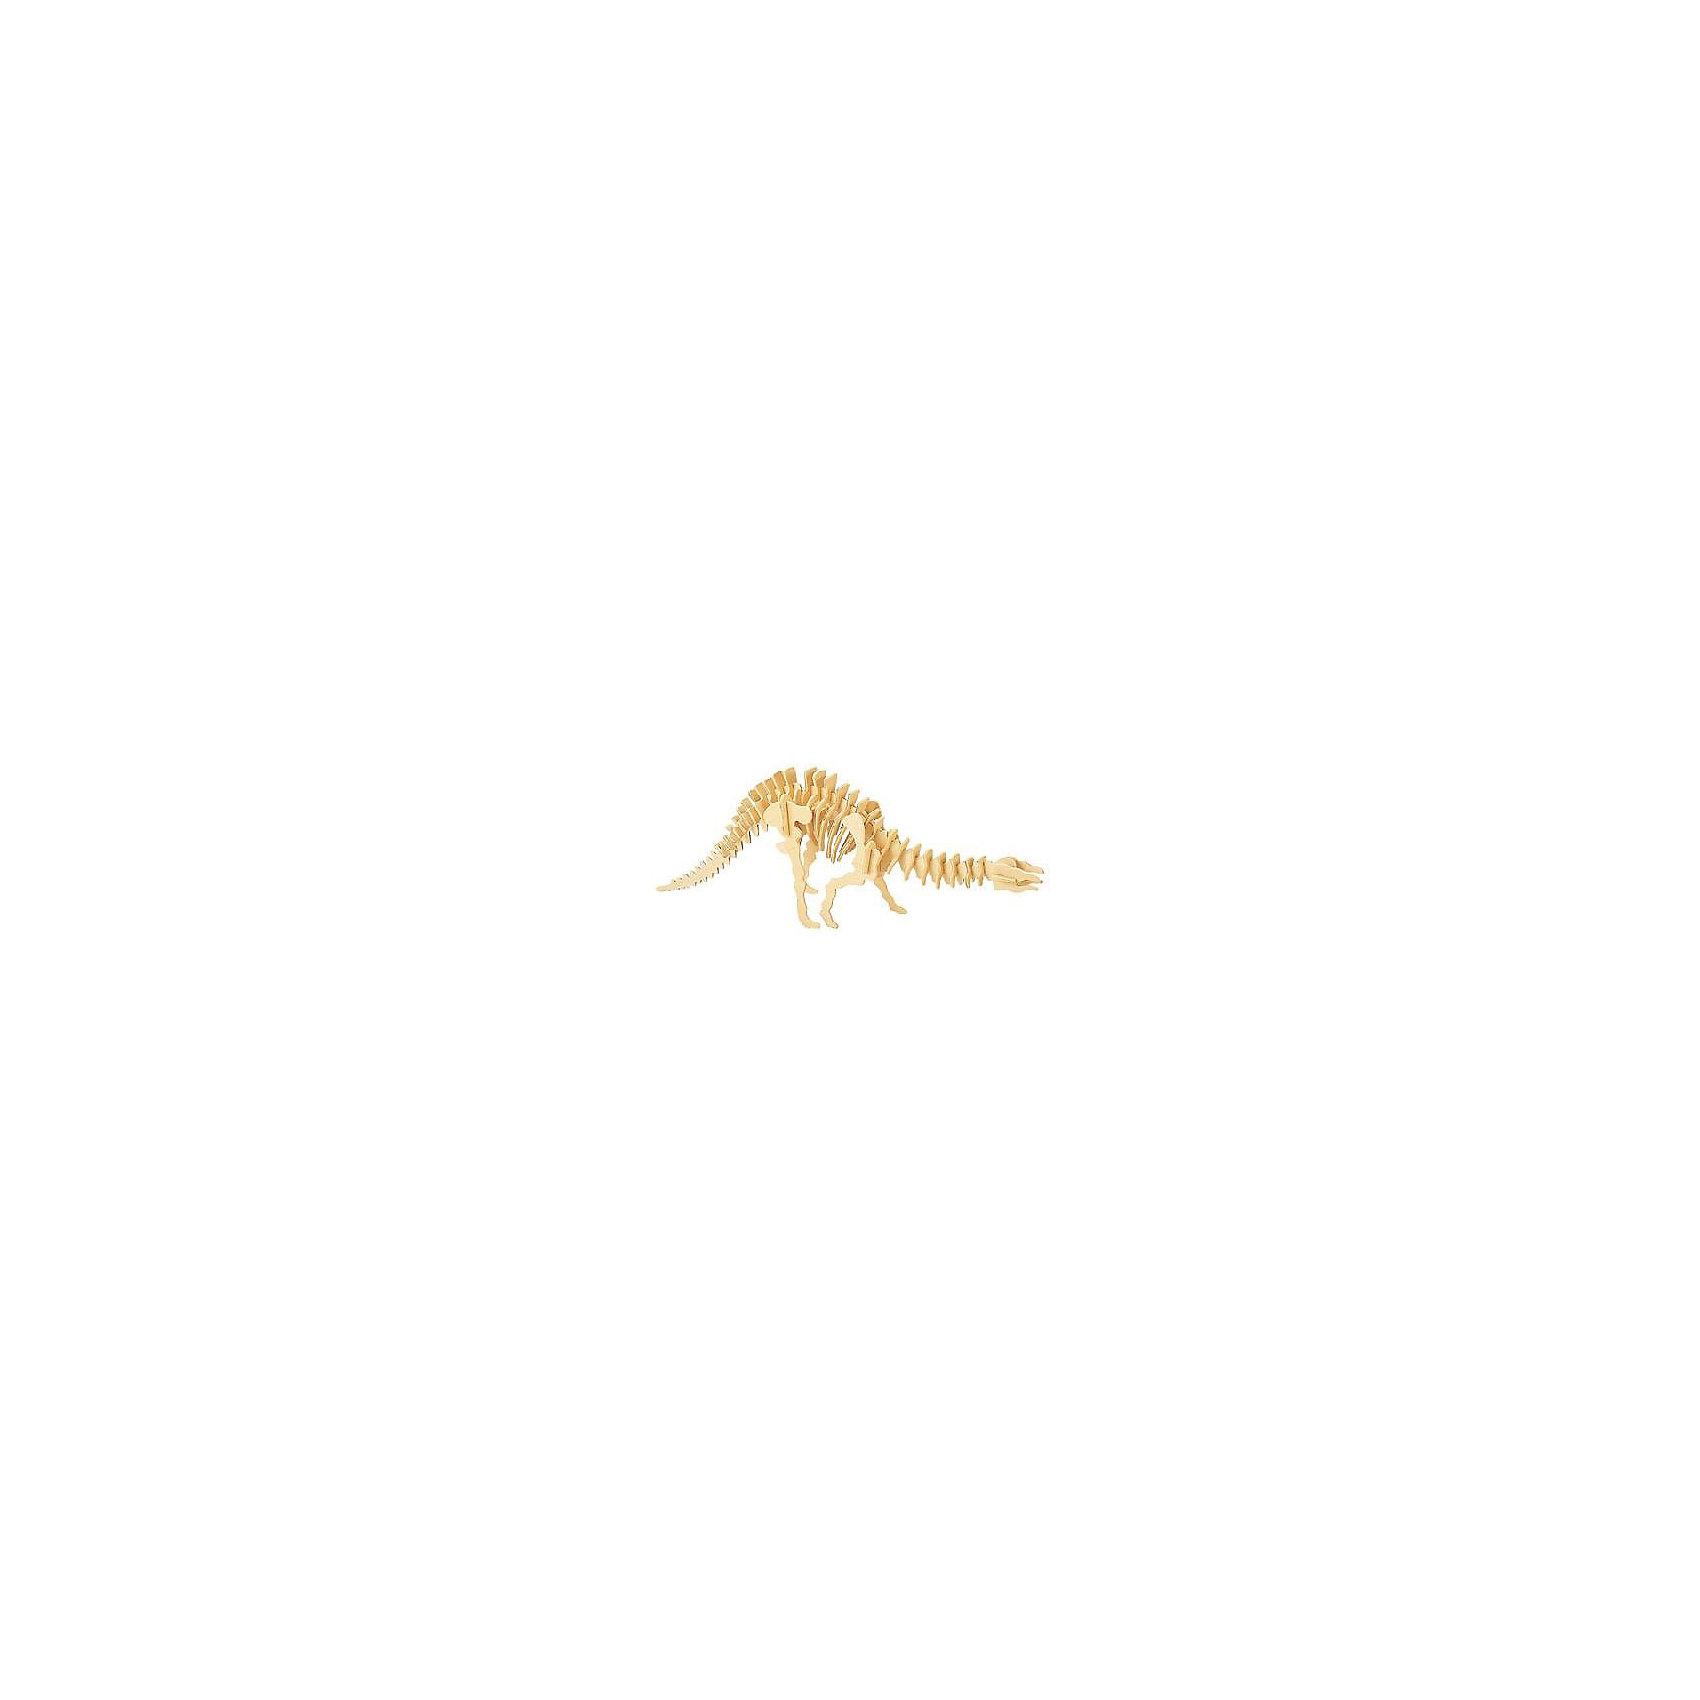 Гигантский Спинозавр, Мир деревянных игрушекРукоделие<br>Удачный вариант подарка для творческого ребенка - этот набор, из которого можно самому сделать красивую деревянную фигуру! Для этого нужно выдавить из пластины с деталями элементы для сборки и соединить их. Специально для любящих творчество и интересующихся вымершими животными были разработаны эти 3D-пазлы. Из них получаются красивые очень реалистичные фигуры, которые могут стать украшением комнаты.<br>Собирая их, ребенок будет учиться соотносить фигуры, развивать пространственное мышление, память и мелкую моторику. А раскрашивая готовое произведение, дети научатся подбирать цвета и будут развивать художественные навыки. Этот набор произведен из качественных и безопасных для детей материалов - дерево тщательно обработано.<br><br>Дополнительная информация:<br><br>материал: дерево;<br>цвет: бежевый;<br>элементы: пластины с деталями для сборки;<br>размер упаковки: 23 х 18 см.<br><br>3D-пазл Гигантский Спинозавр от бренда Мир деревянных игрушек можно купить в нашем магазине.<br><br>Ширина мм: 225<br>Глубина мм: 30<br>Высота мм: 180<br>Вес г: 450<br>Возраст от месяцев: 36<br>Возраст до месяцев: 144<br>Пол: Унисекс<br>Возраст: Детский<br>SKU: 4969053